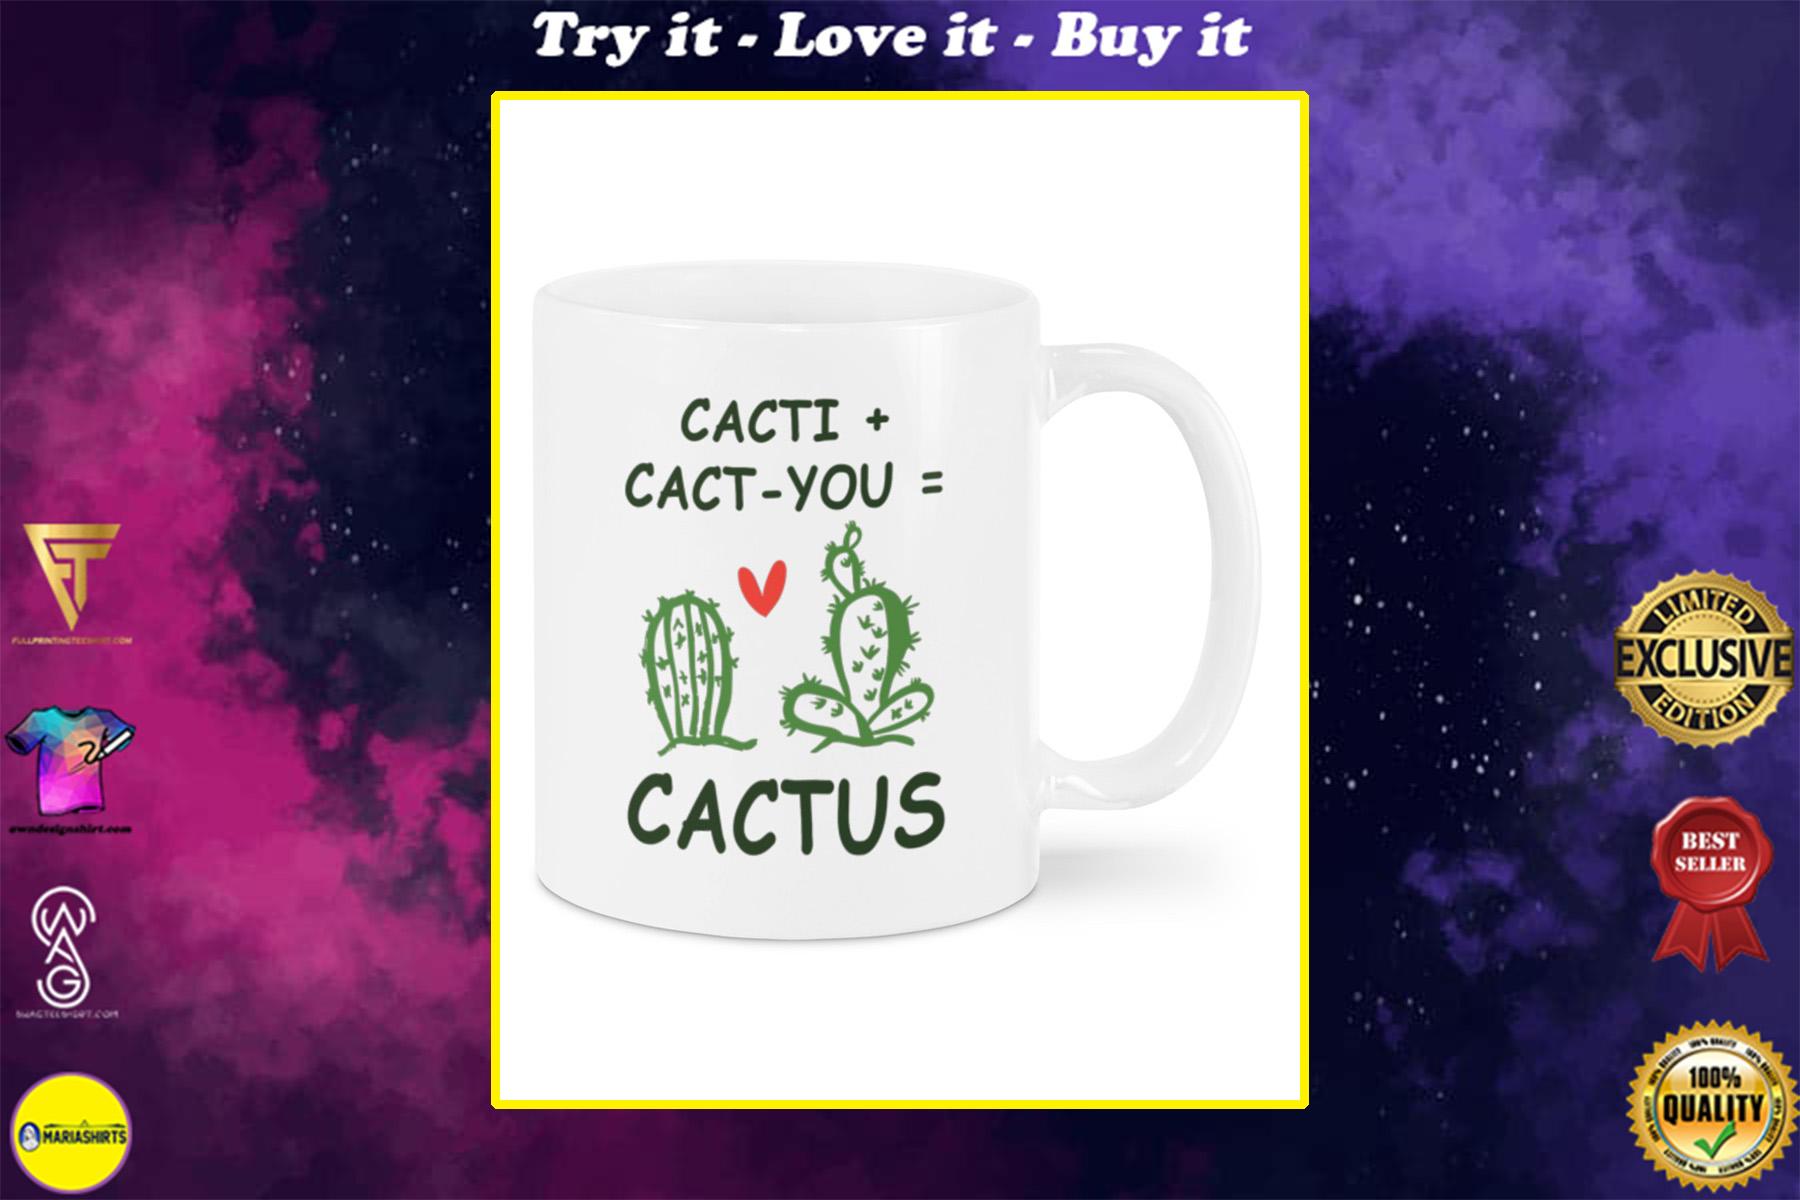 cacti cact-you cactus happy valentine's day mug